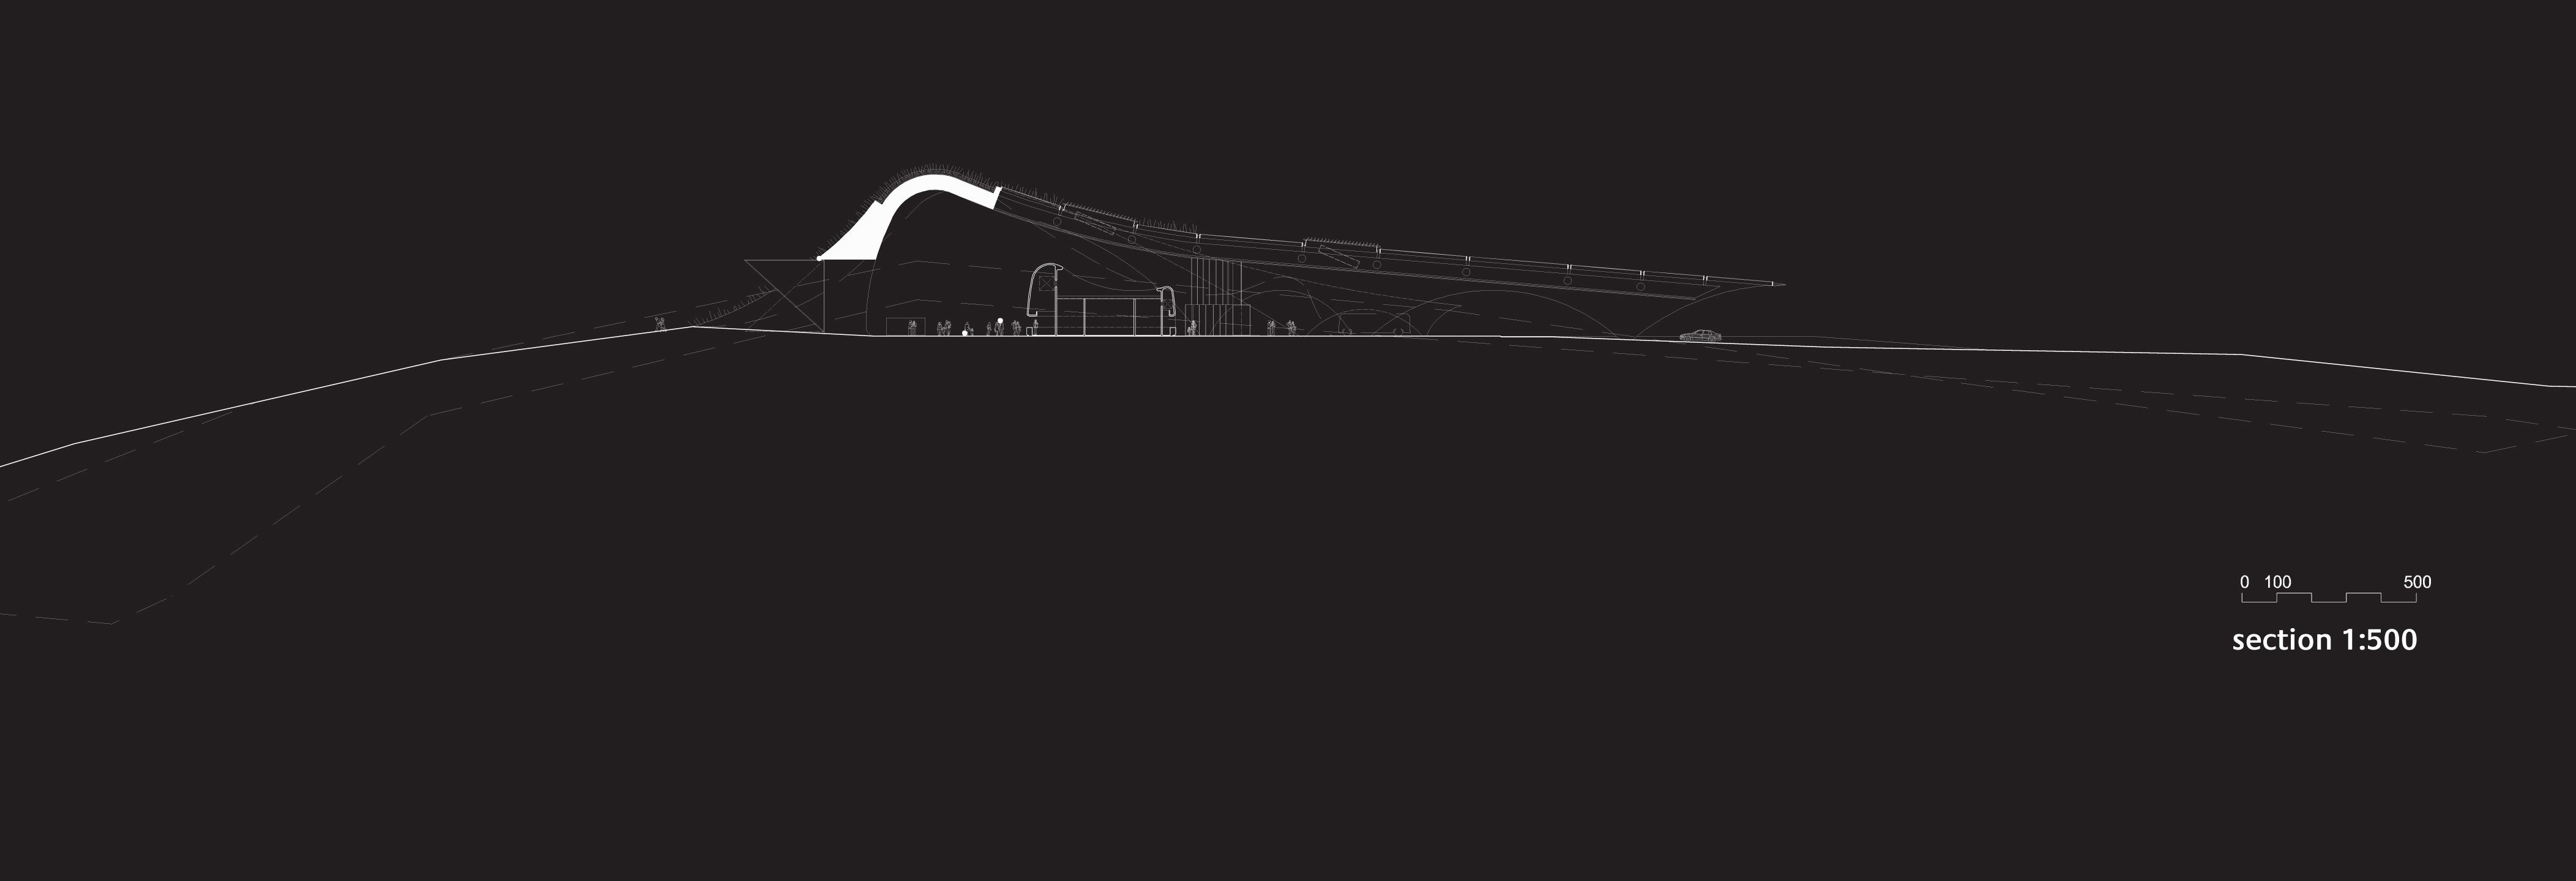 巨人堤道美术馆